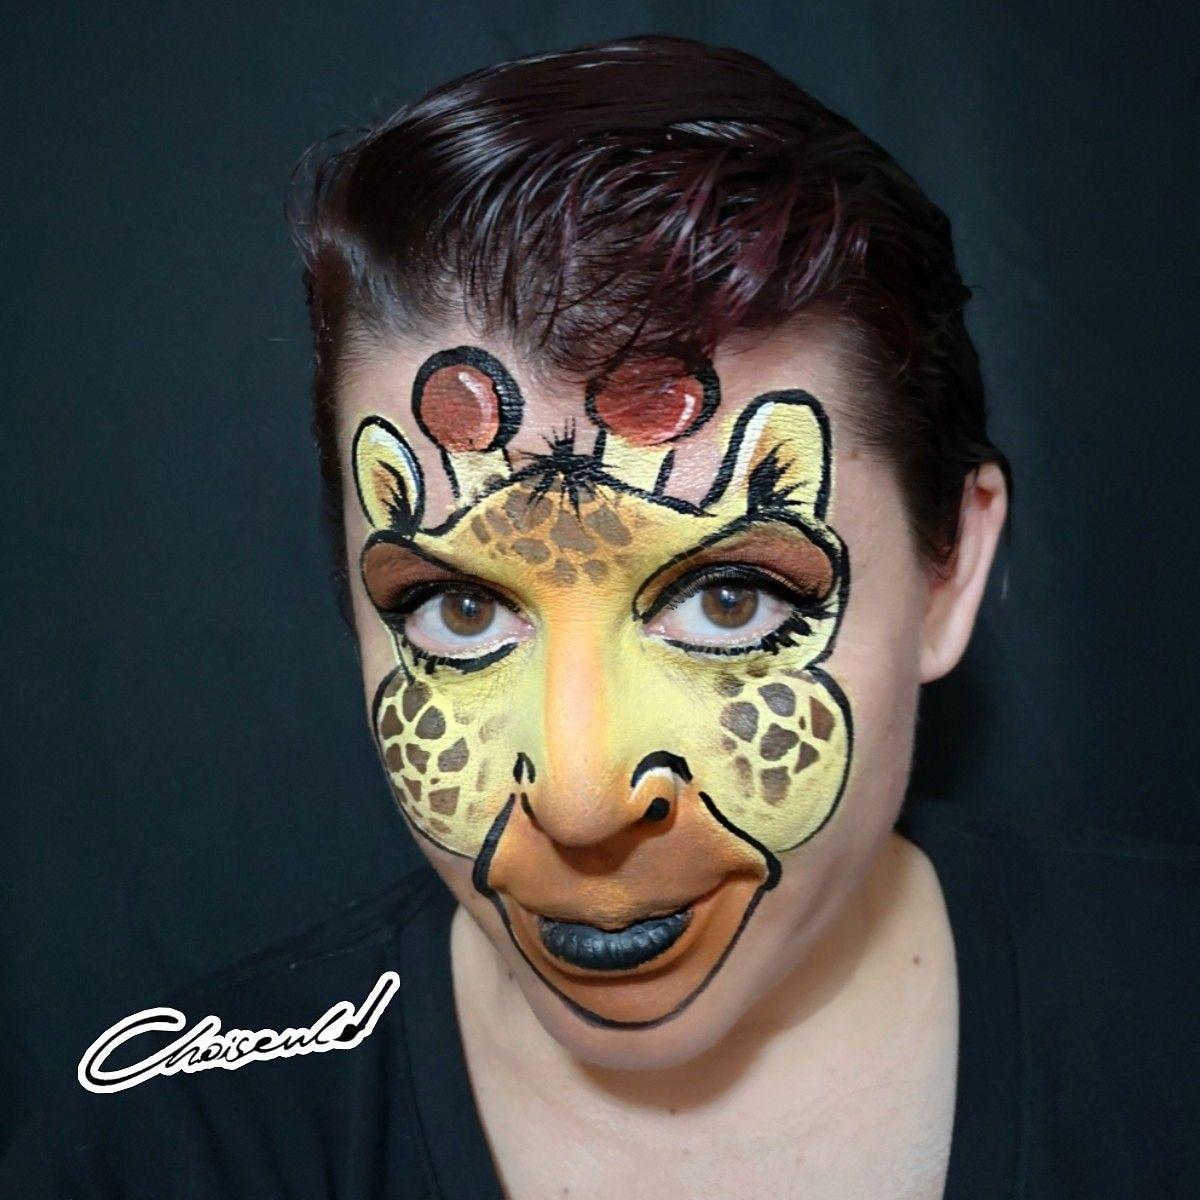 Jiraffe Facepainting Maquillaje De Jirafa Jiraffe Makeup Kinder Schminken Geschenk Fur Freund Kinderschminken